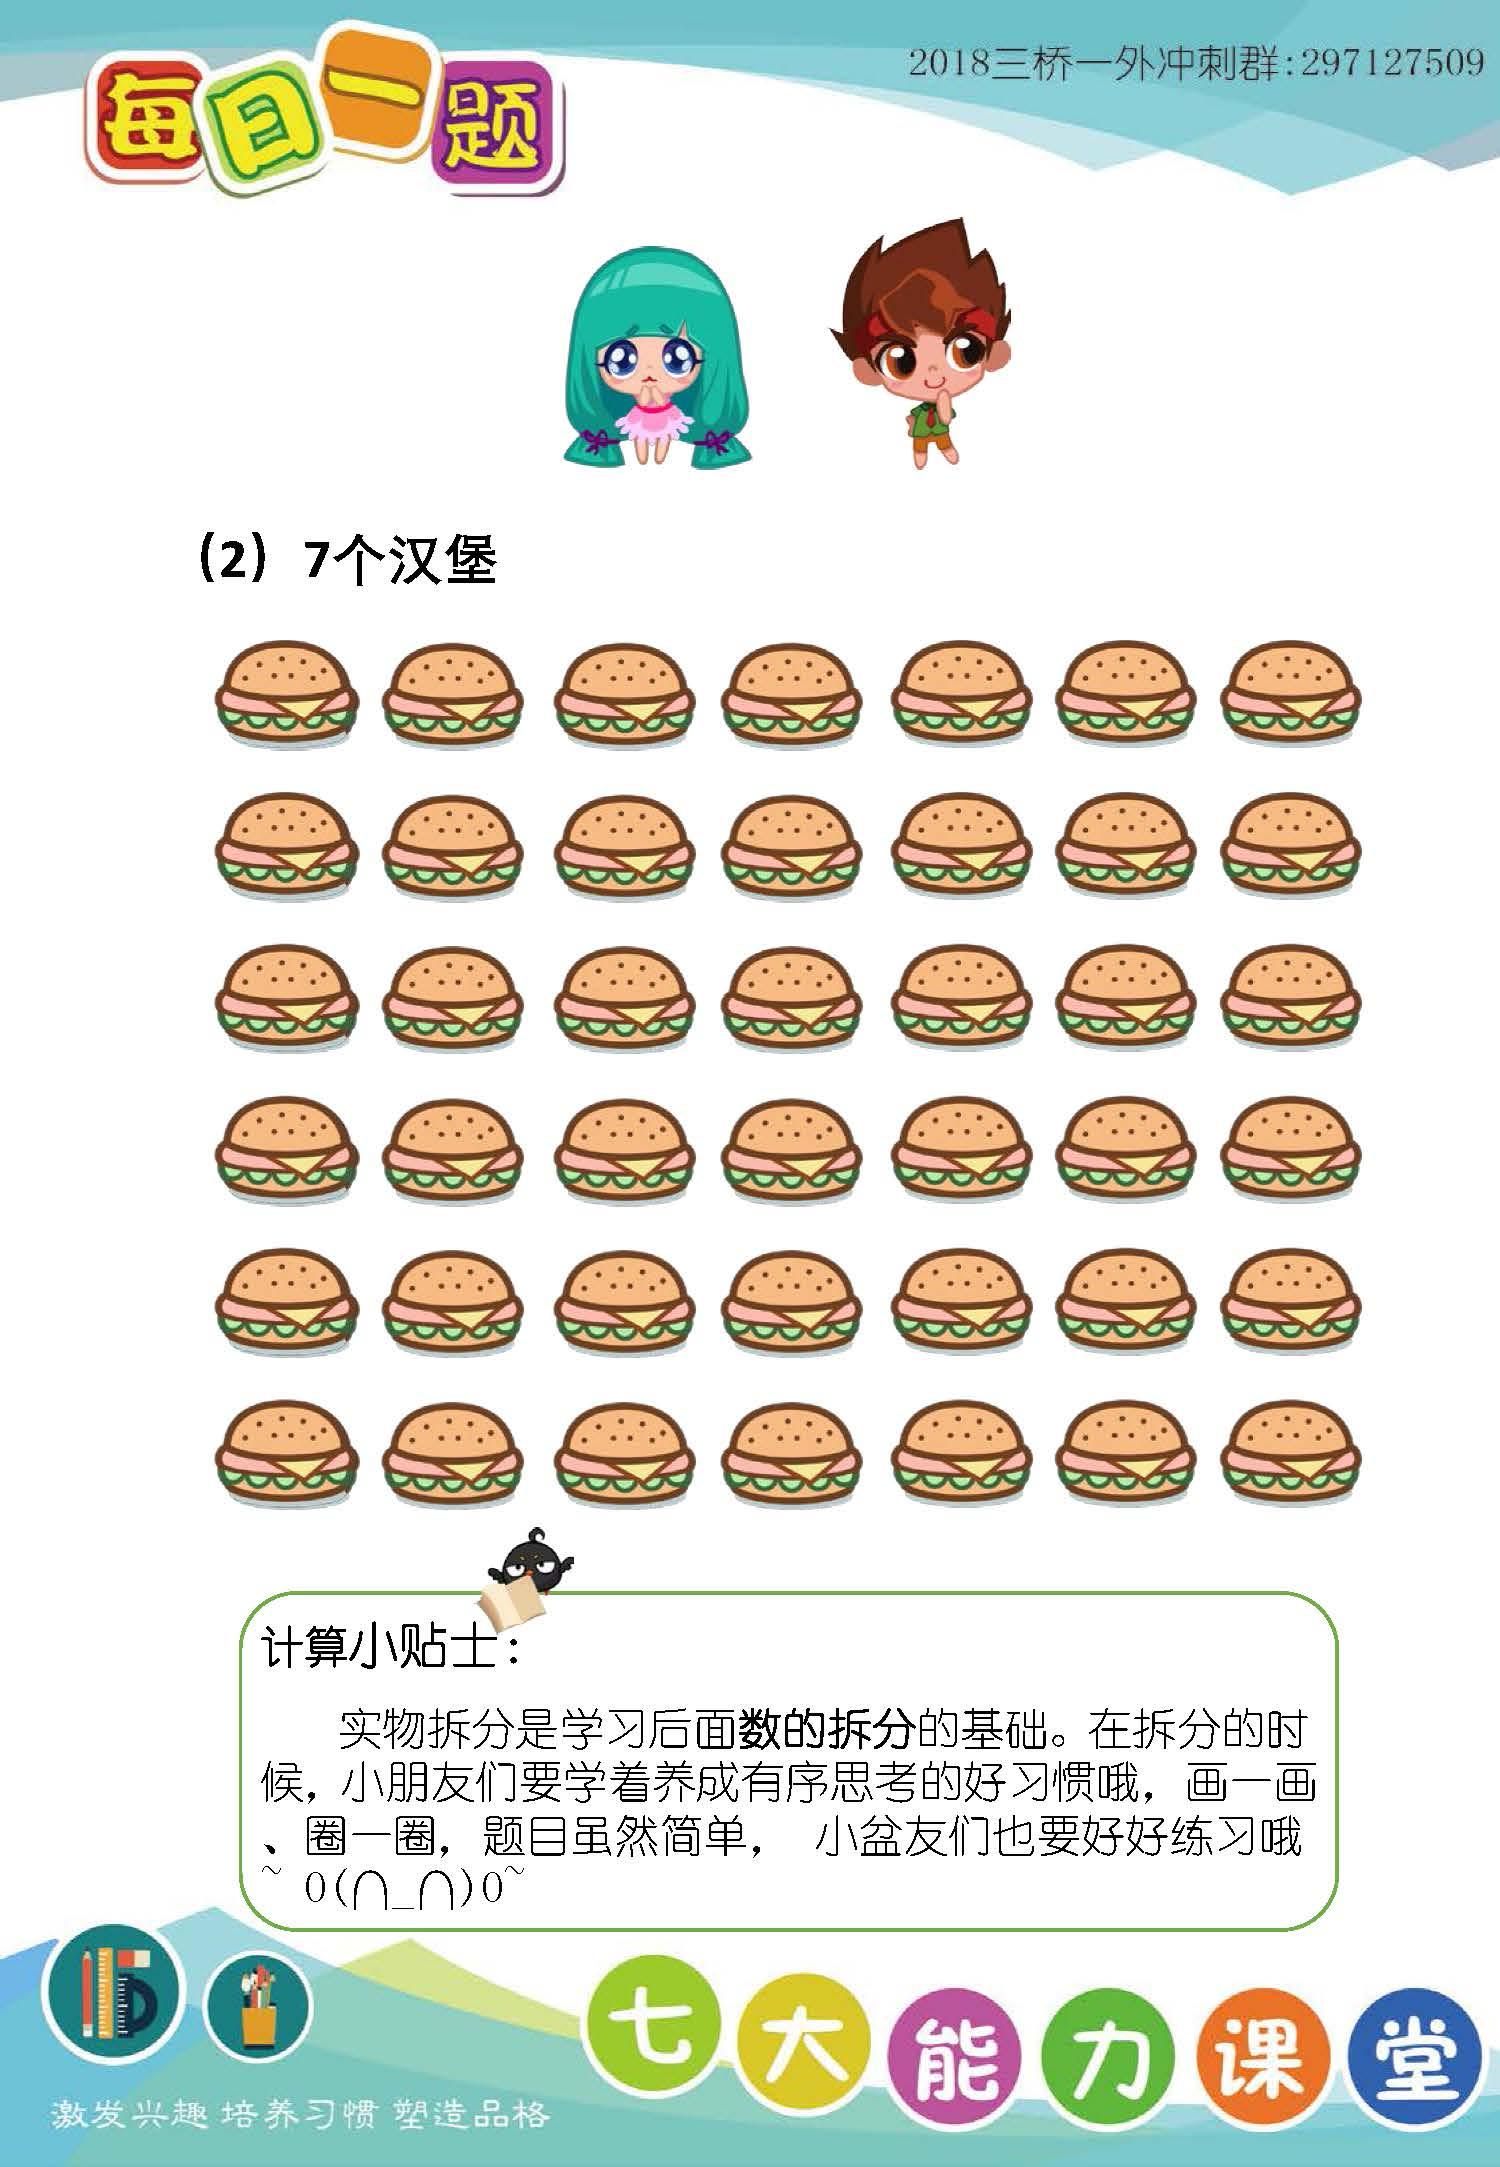 2018幼小衔接计算闯关题2关_页面_04.jpg